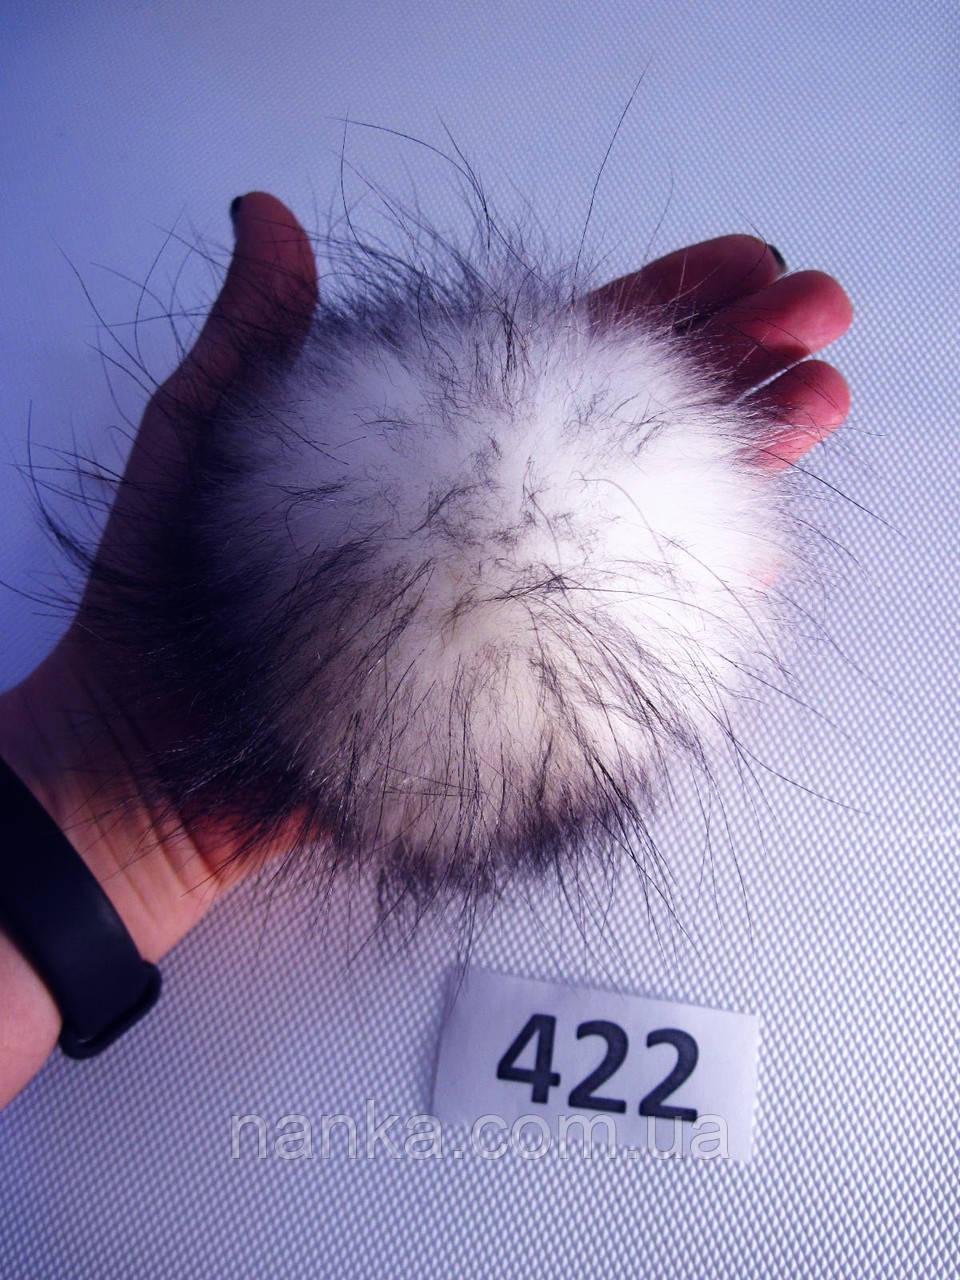 Меховой помпон Енот, Белый с черными кончиками, 10/13 см, 422